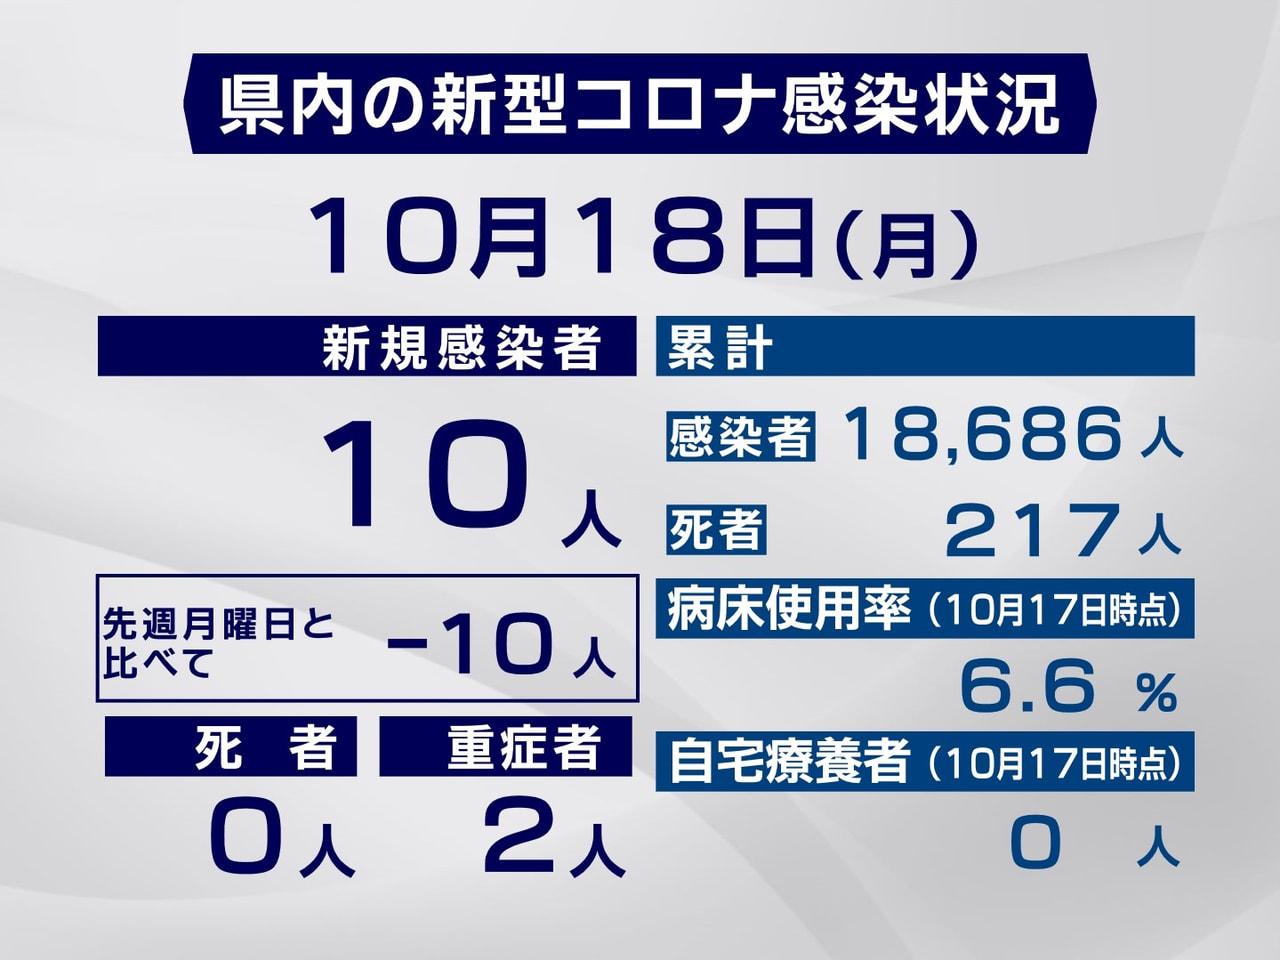 岐阜県と岐阜市は18日、新型コロナウイルスの感染者が新たに10人確認されたと発表...